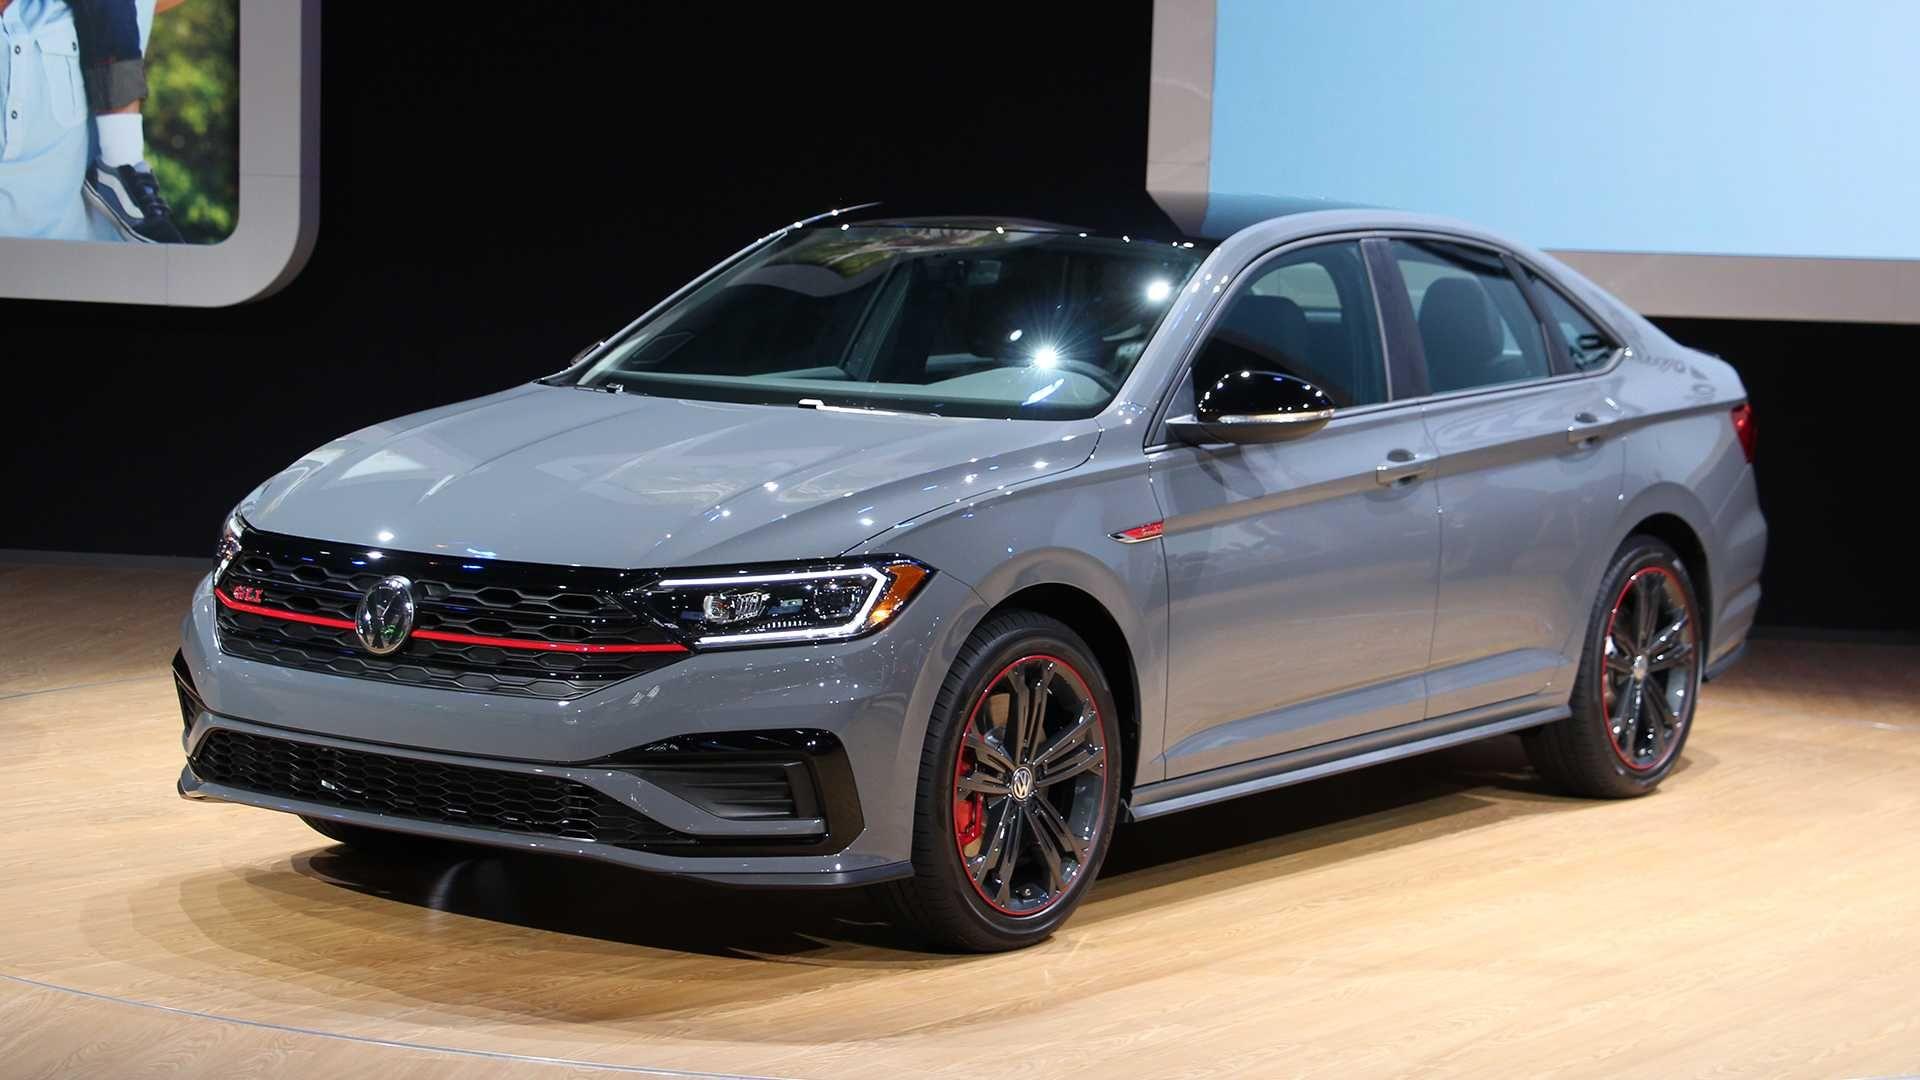 Volkswagen Jetta In 2020 Volkswagen Jetta Jetta Gli Vw Jetta